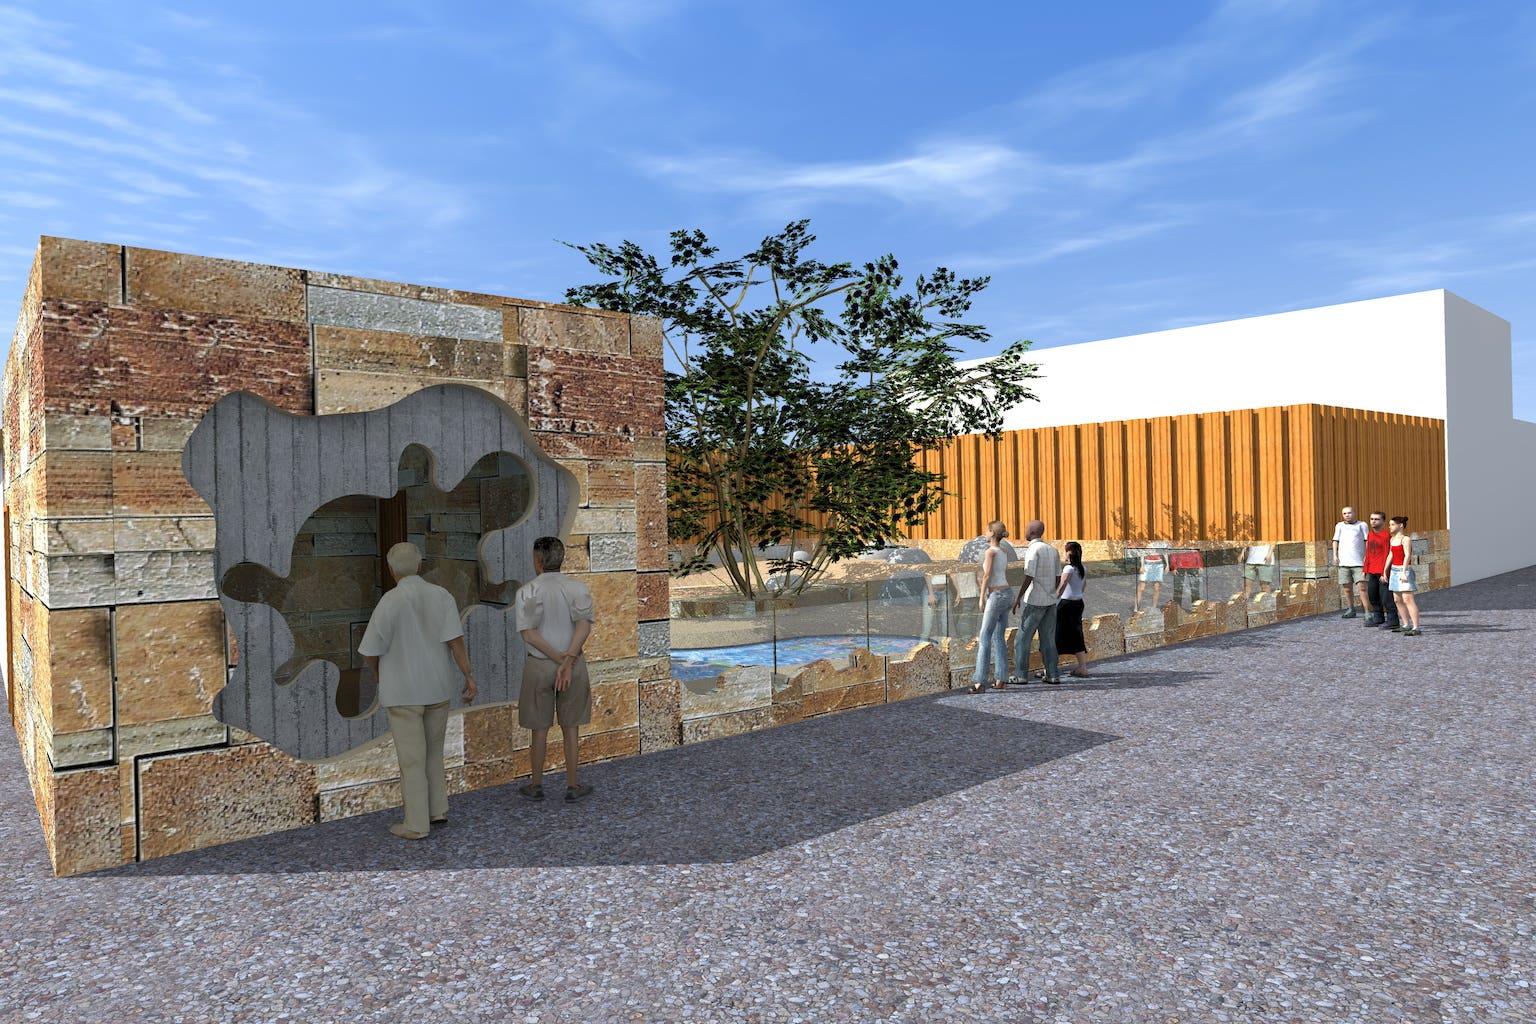 Turtles enclosure in Yerevan